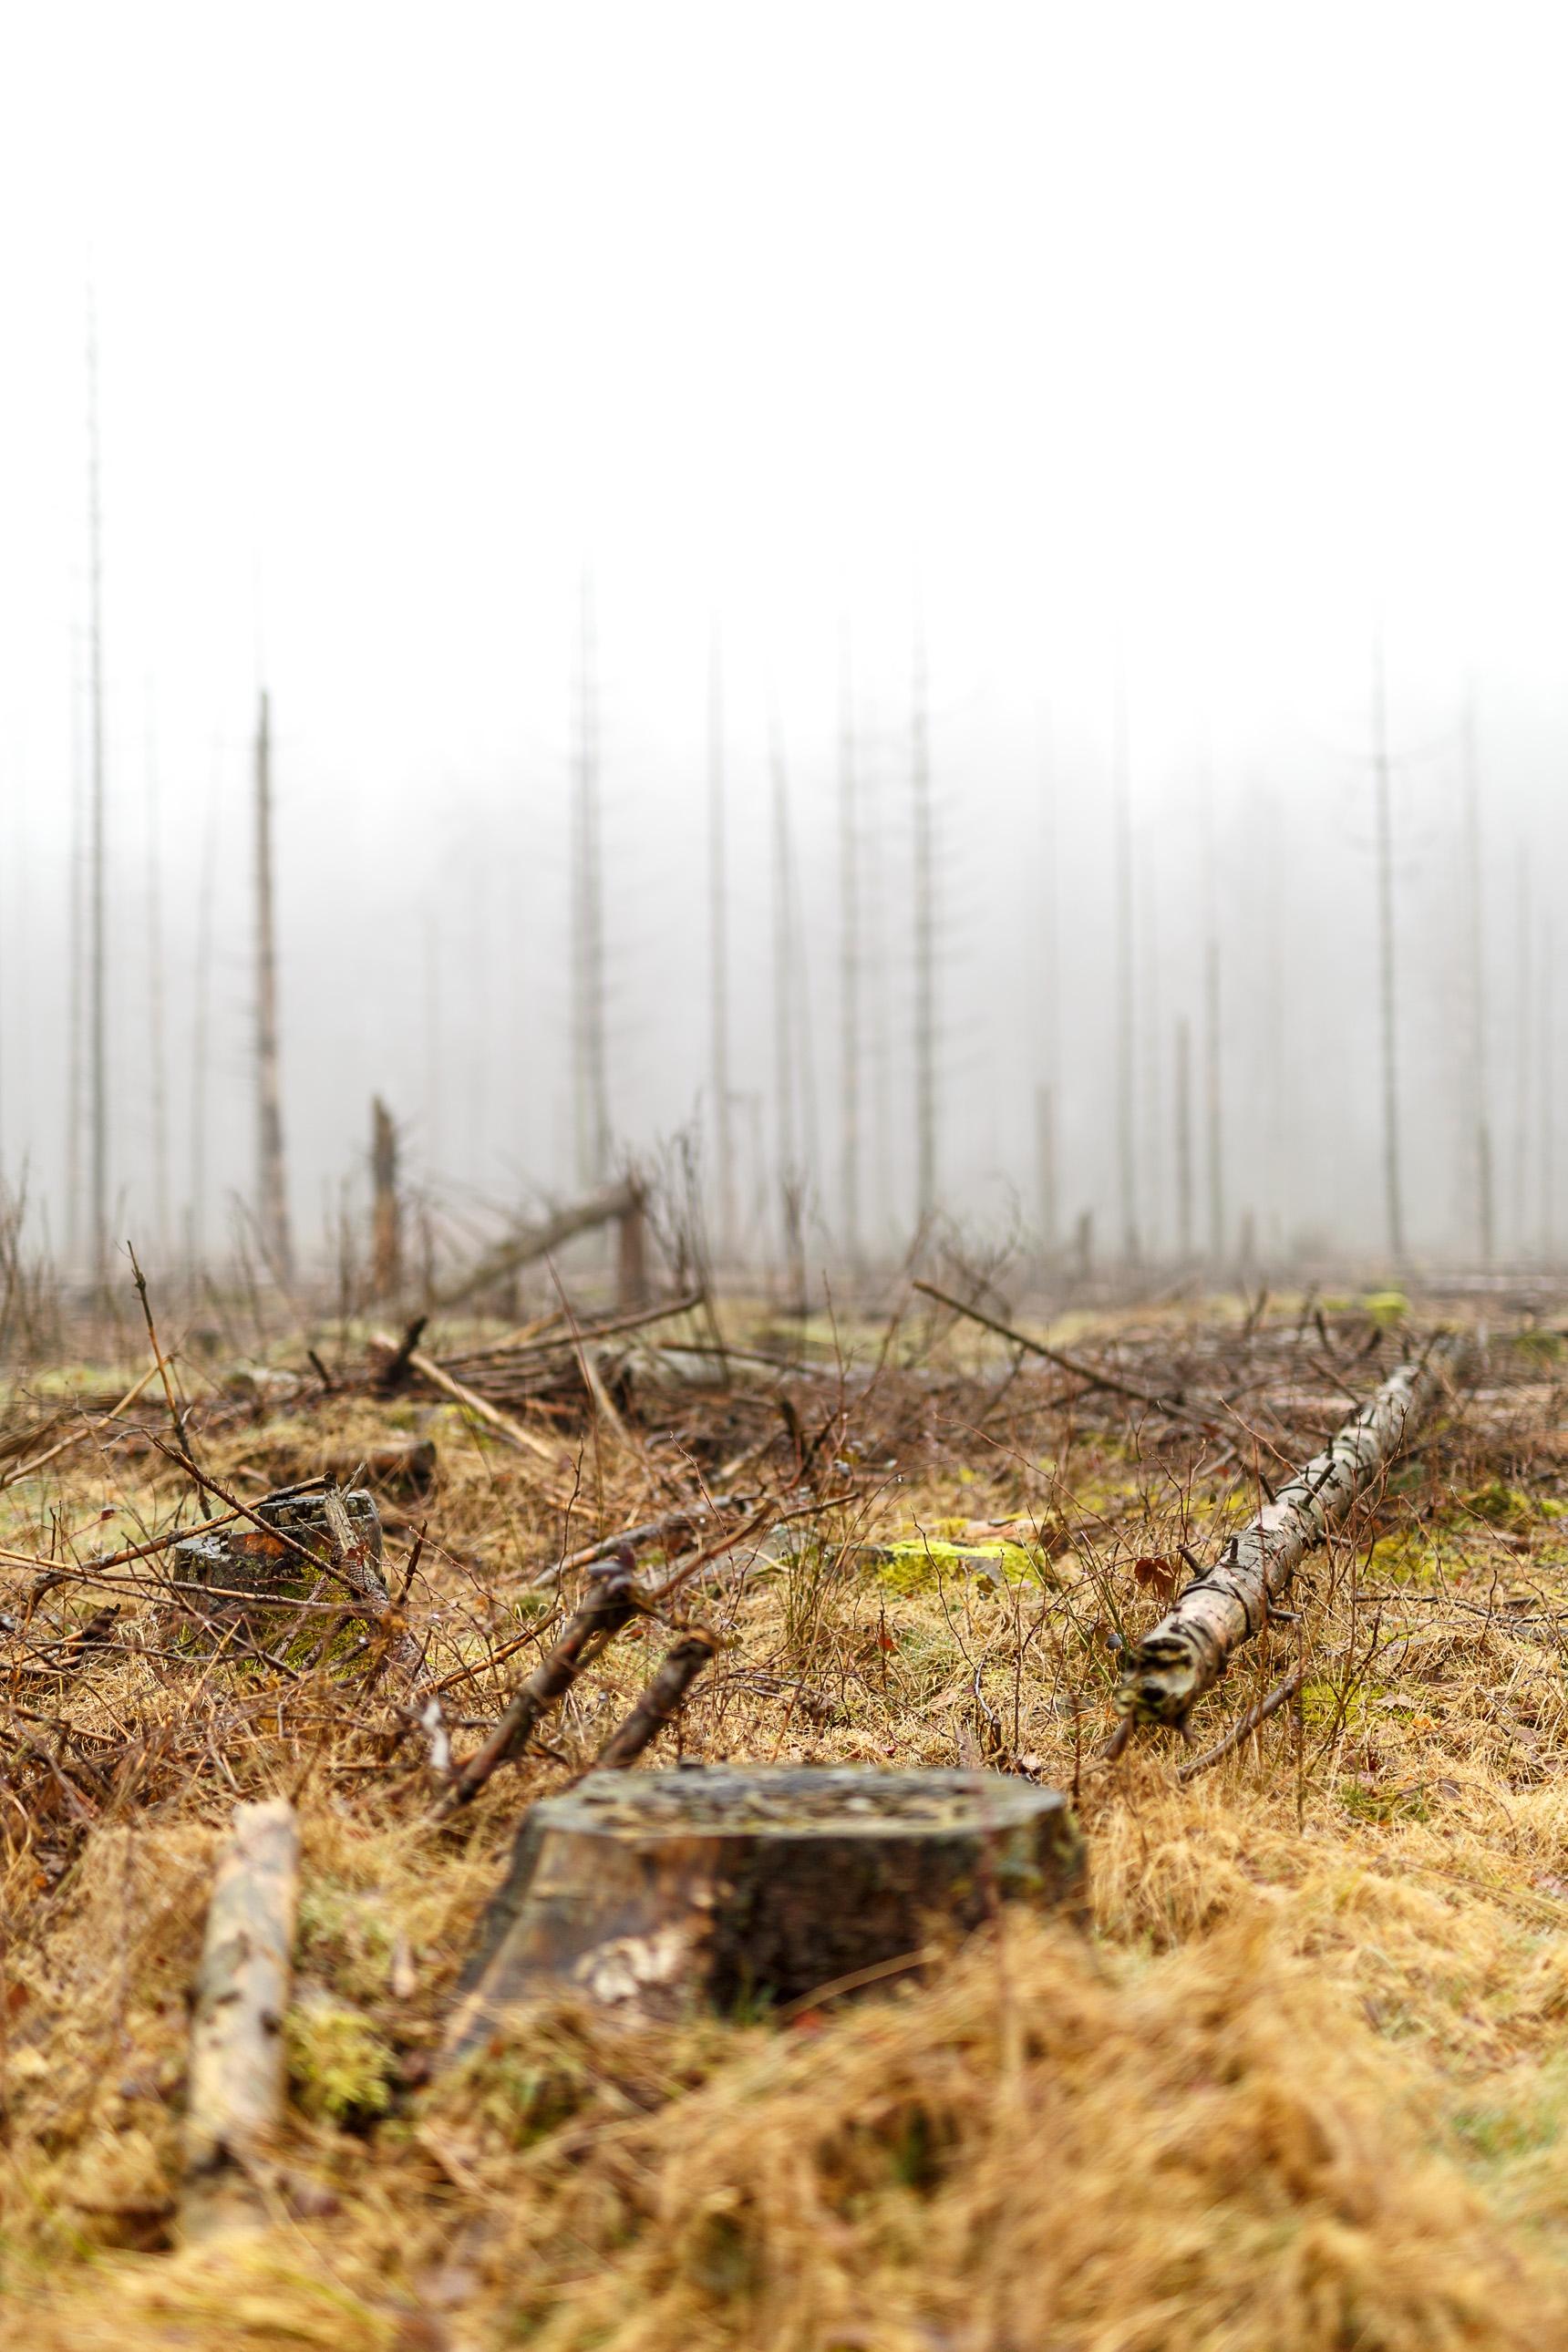 Dag 7 nldazuu 50 mm. challenge: somber